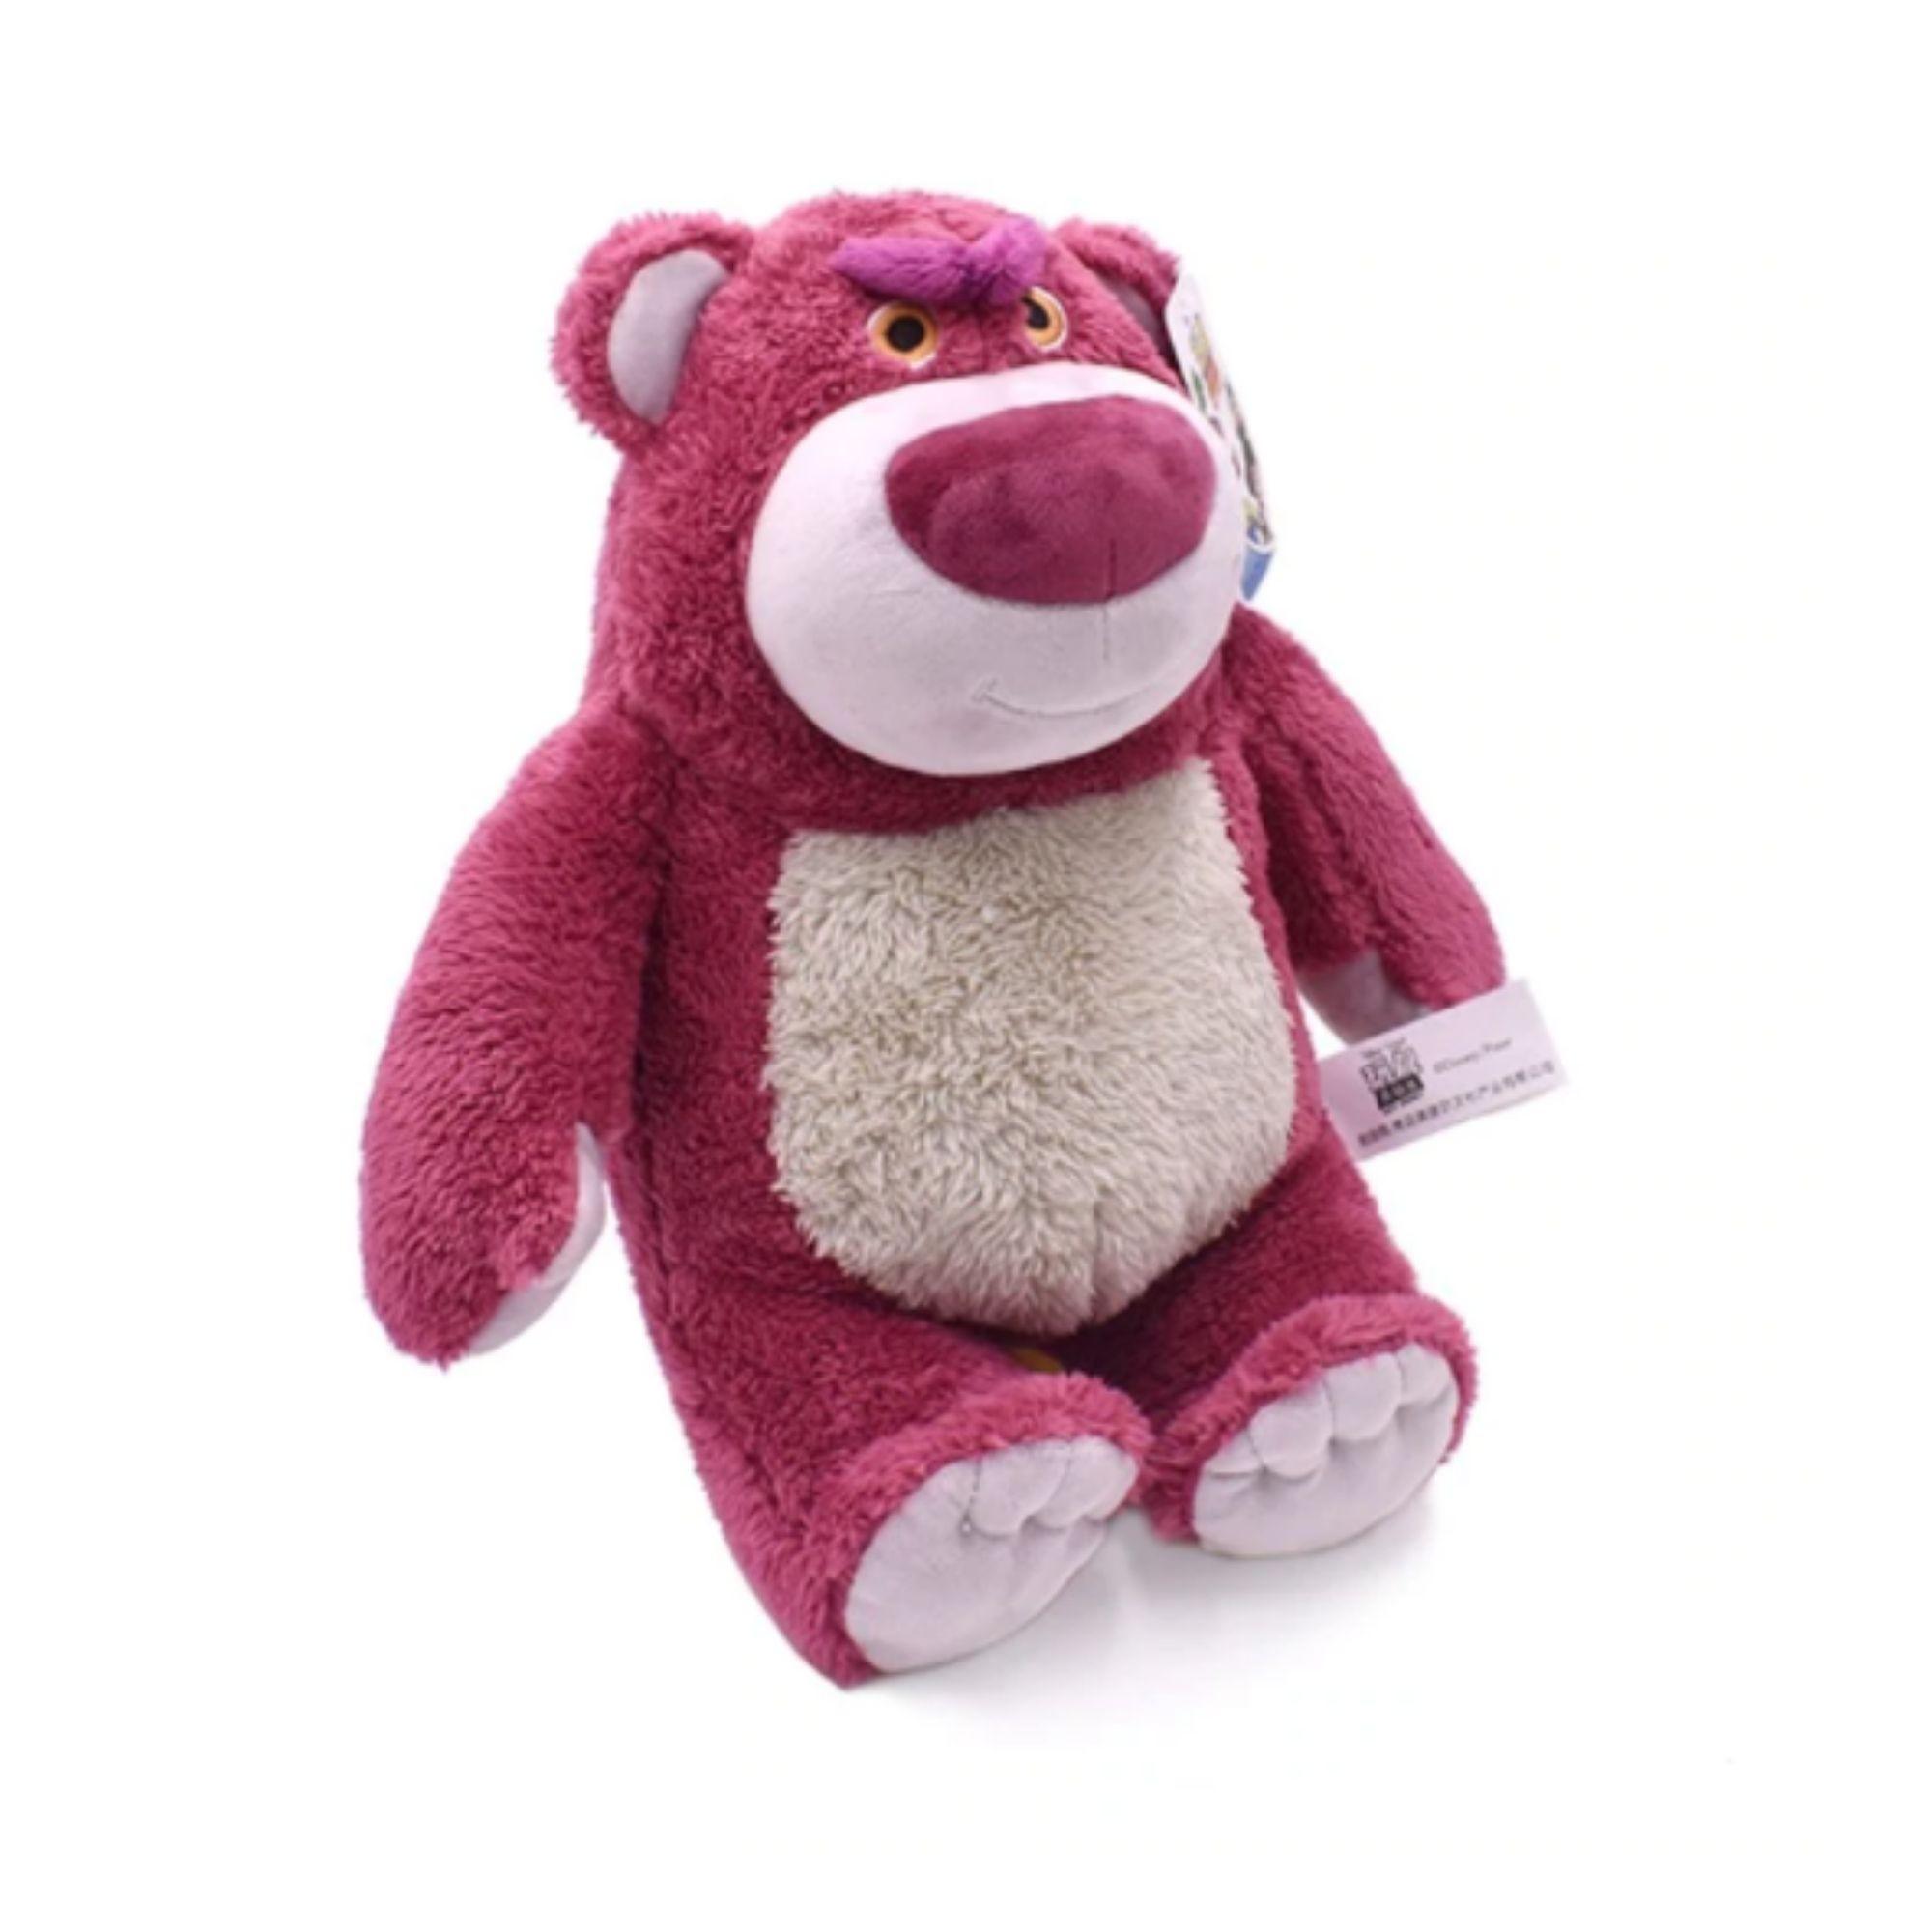 Urso de Pelucia Lotso Toy Story com cheiro de morango 21 cm  - Game Land Brinquedos